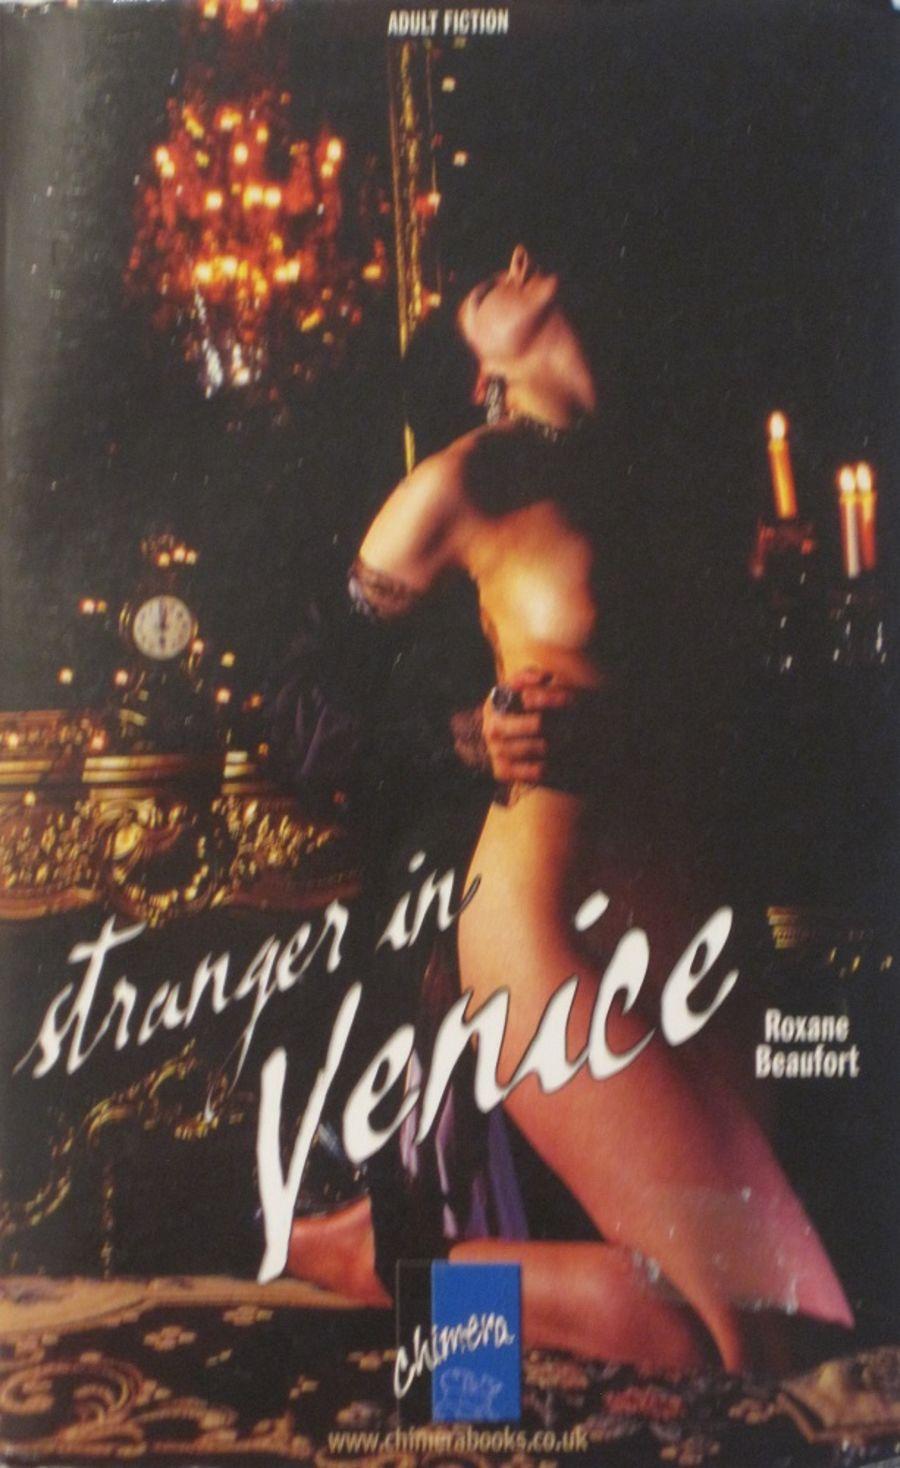 STRANGER IN VENICE.  2006 EROTIC FICTION PAPERBACK BOOK.